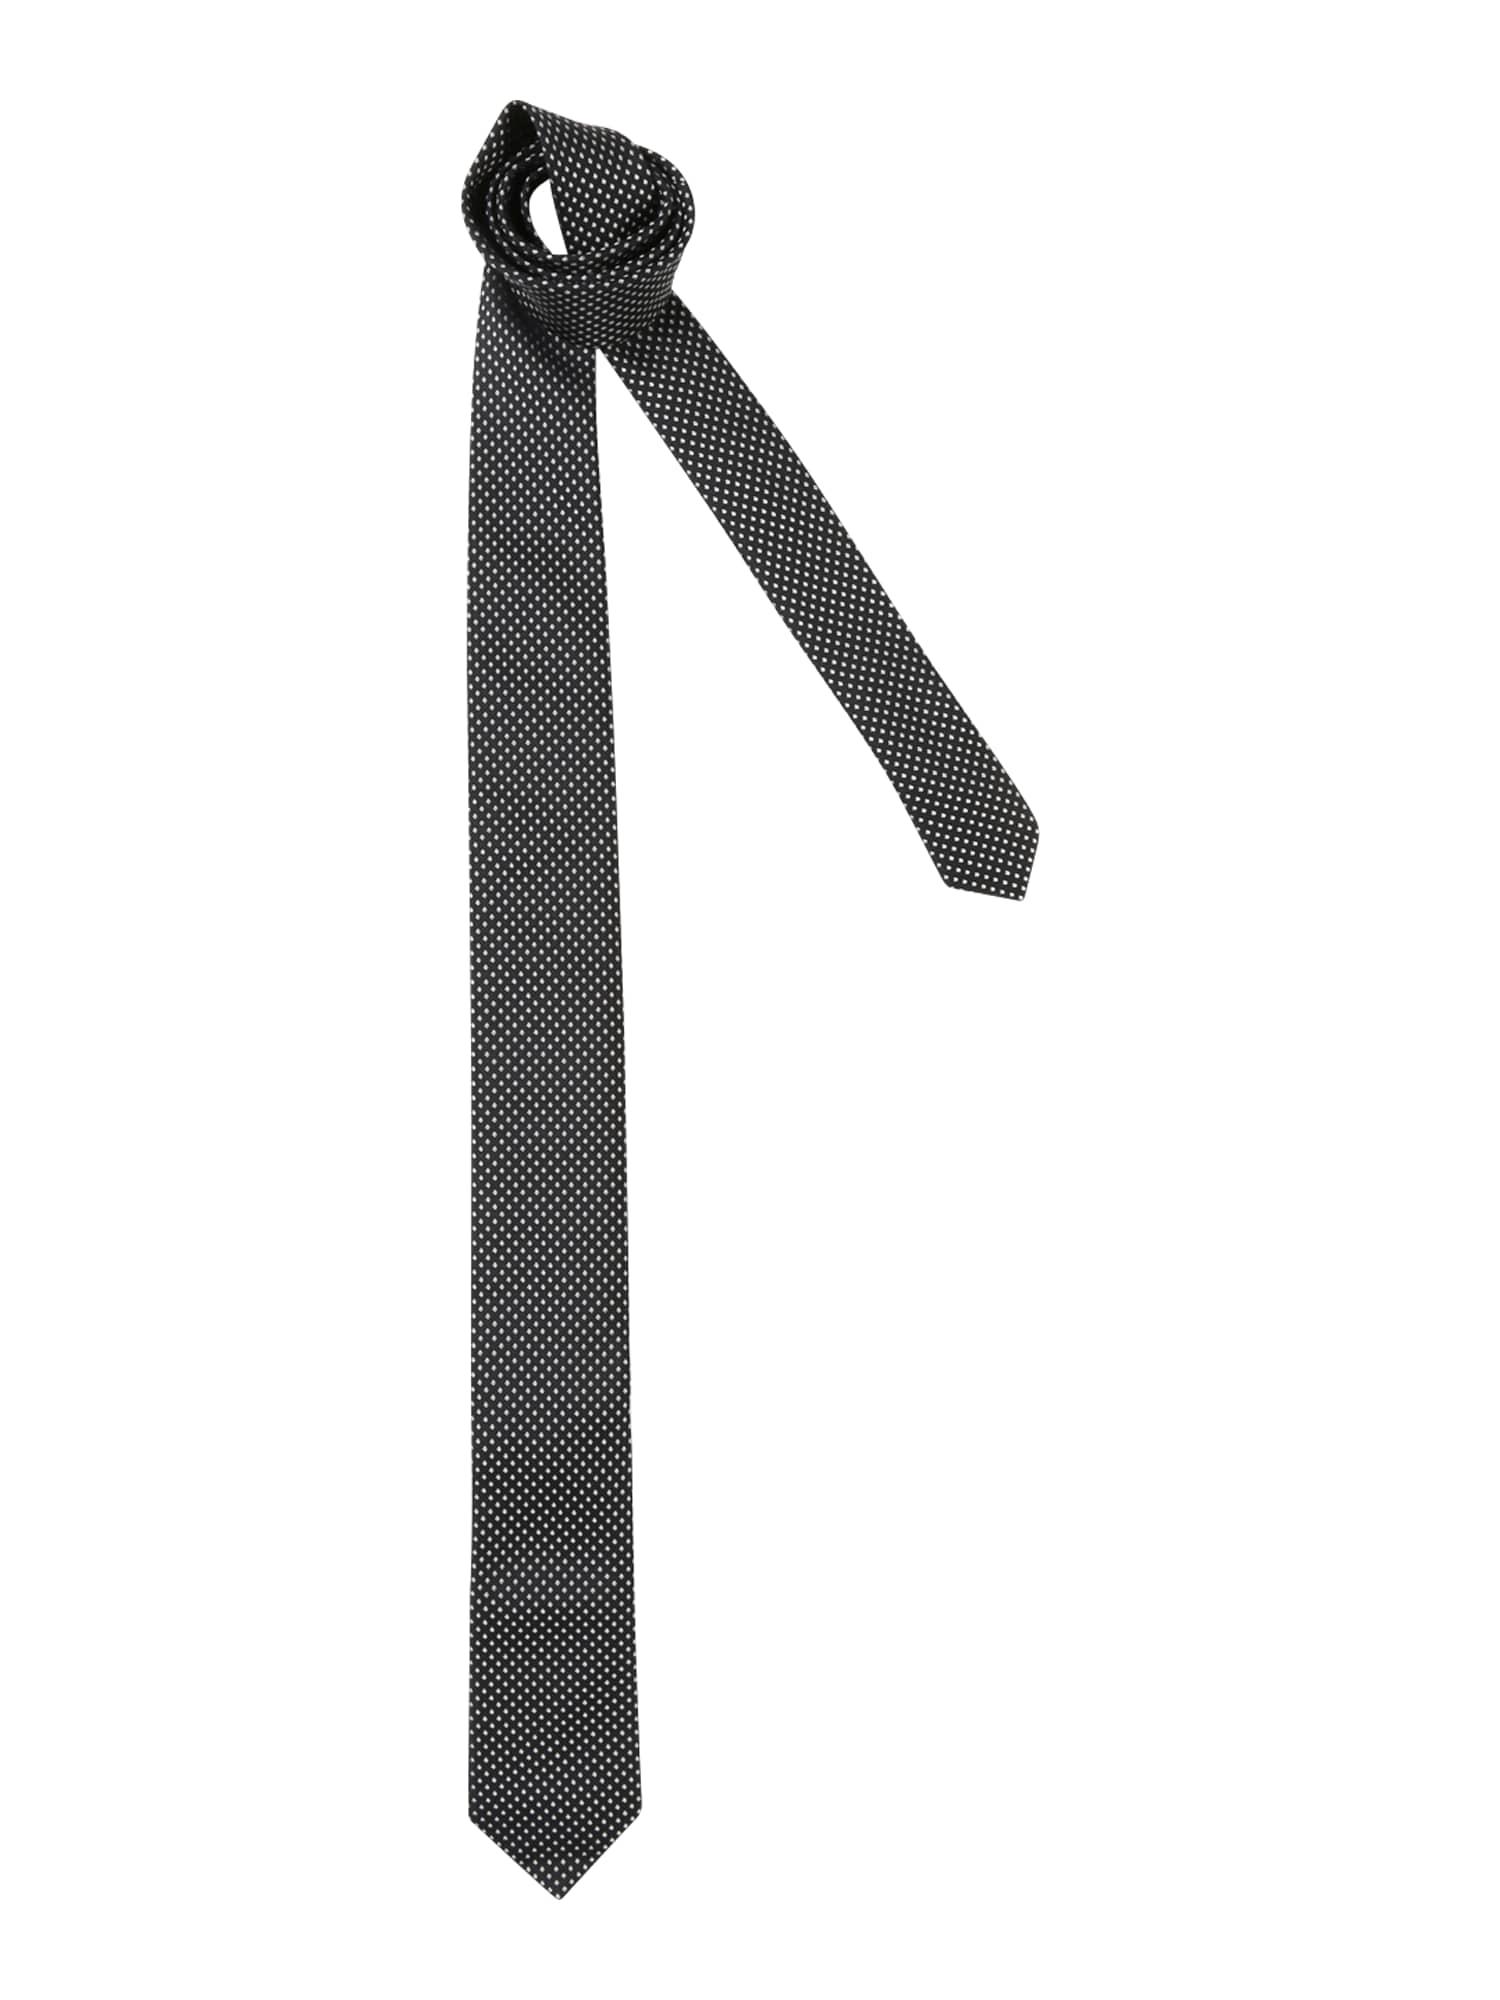 Kravata Tie cm 6 černá HUGO